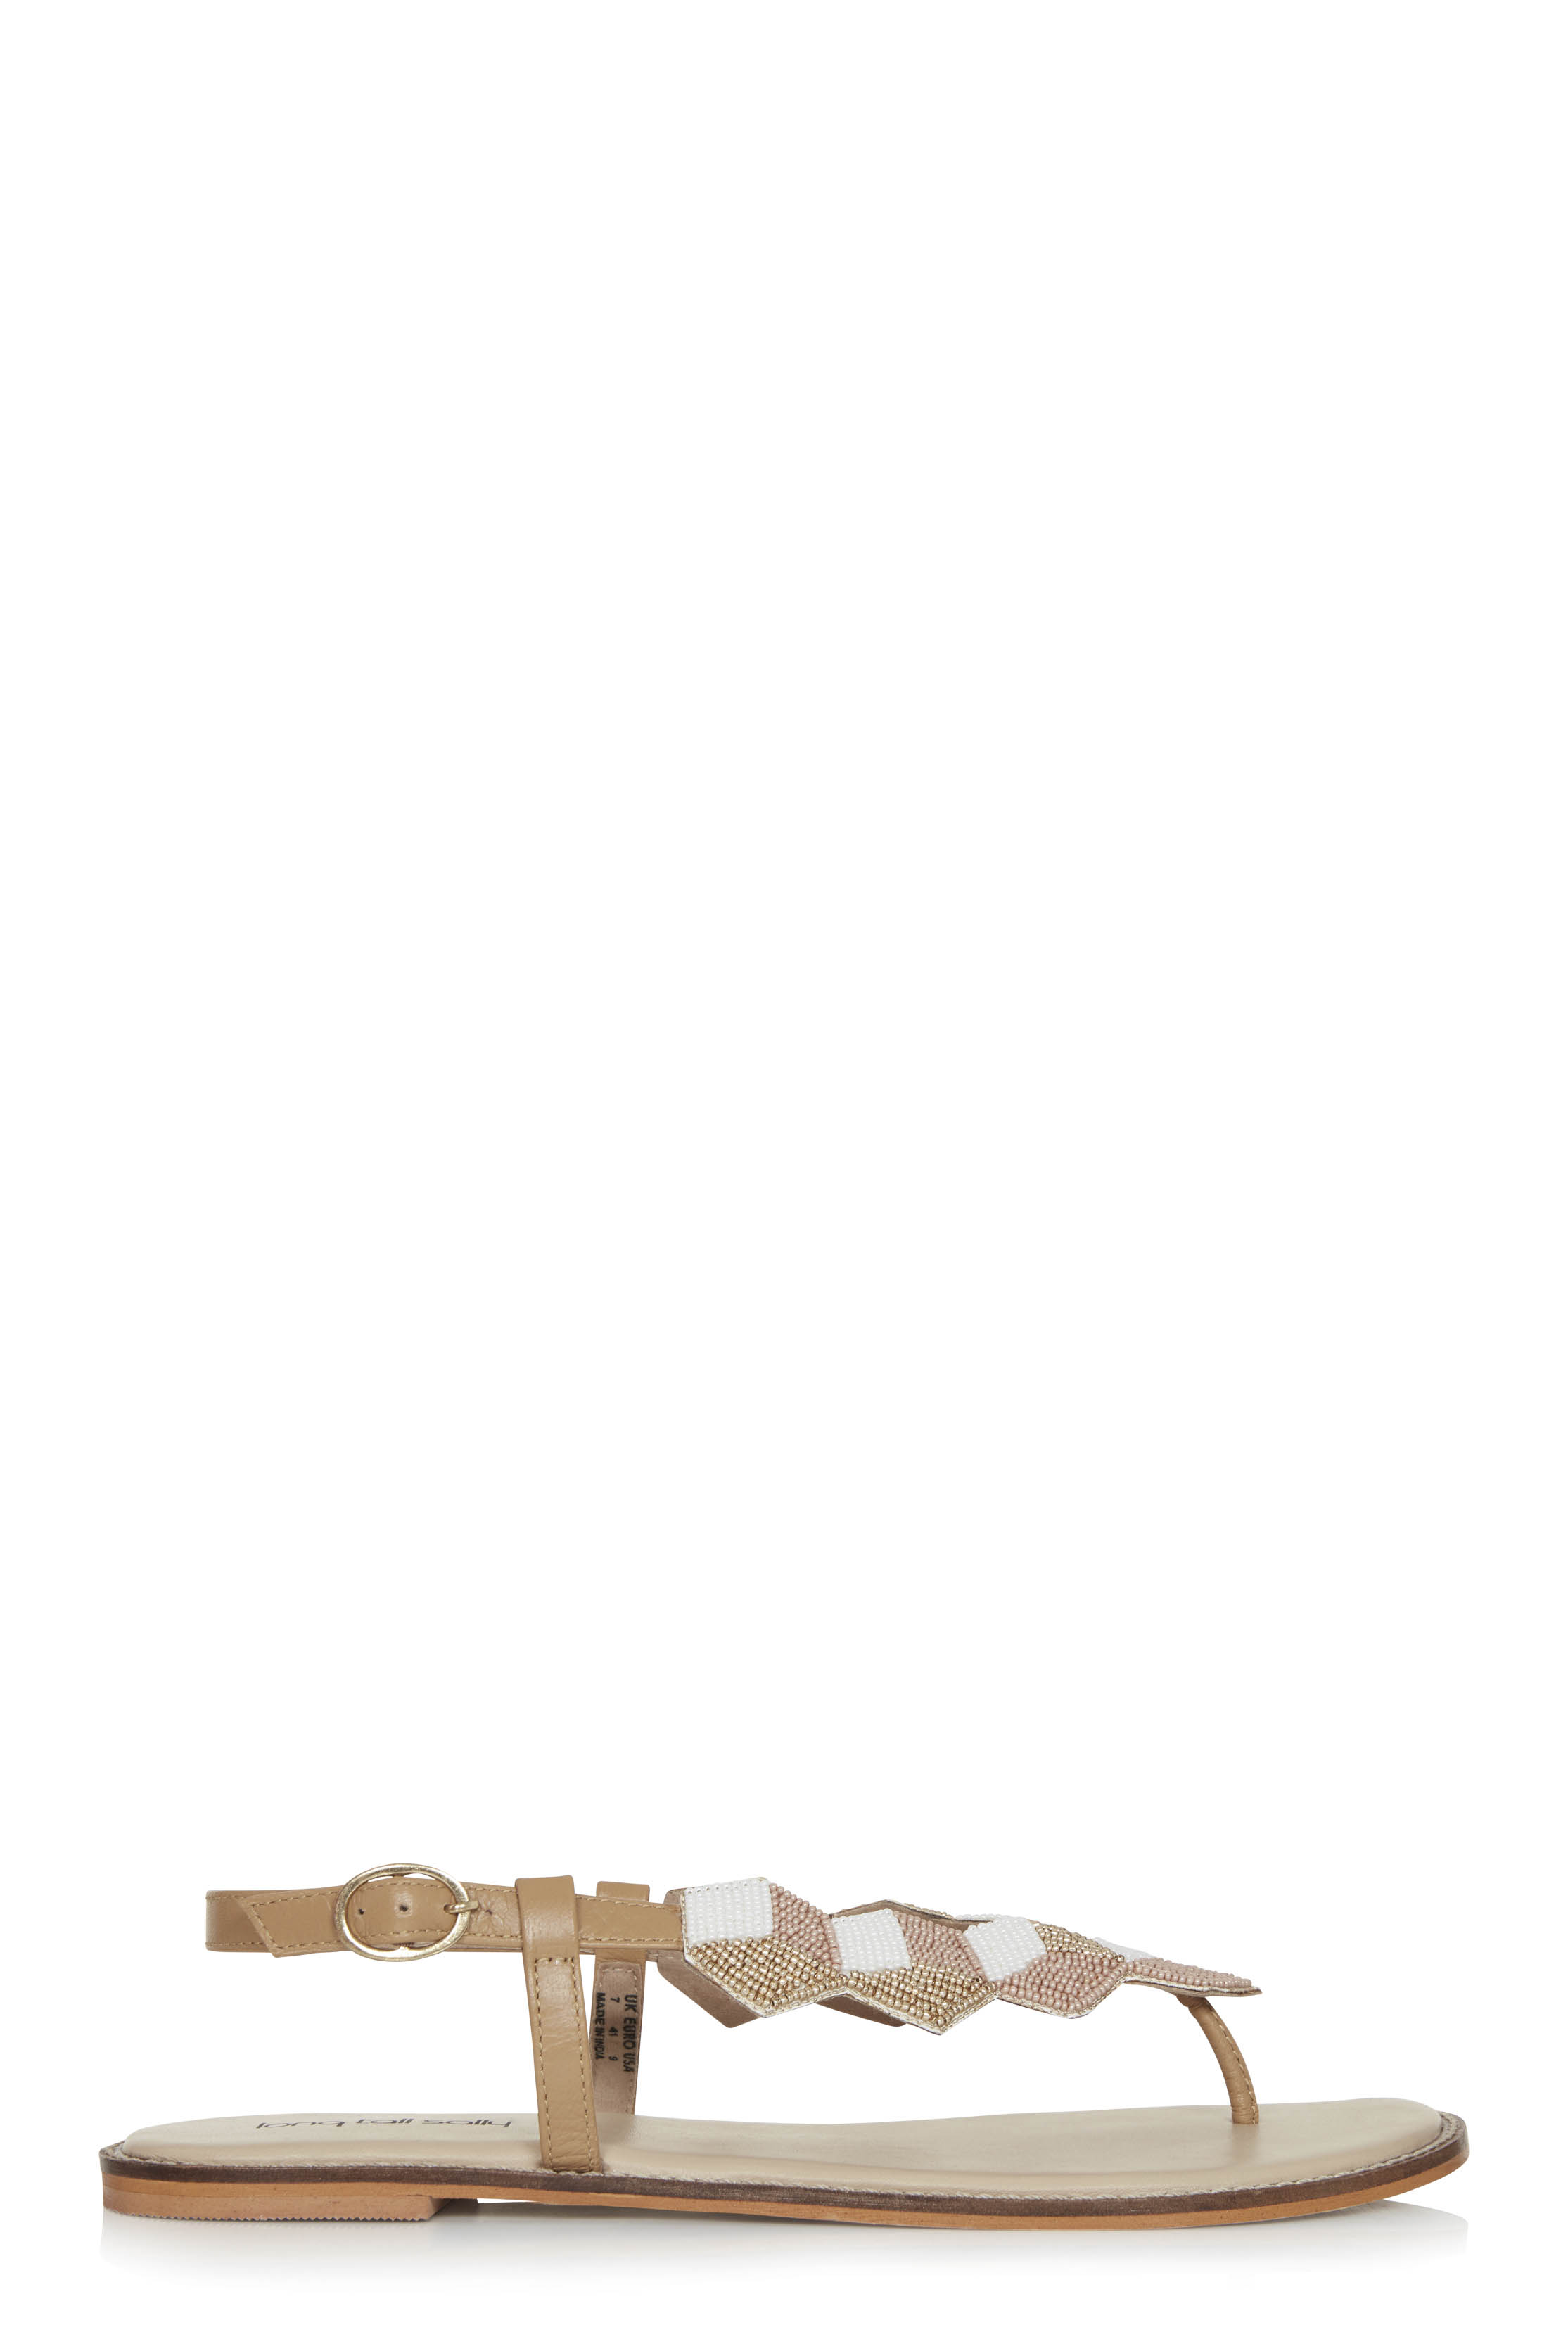 LTS Chrystal Beaded T-Bar Sandal